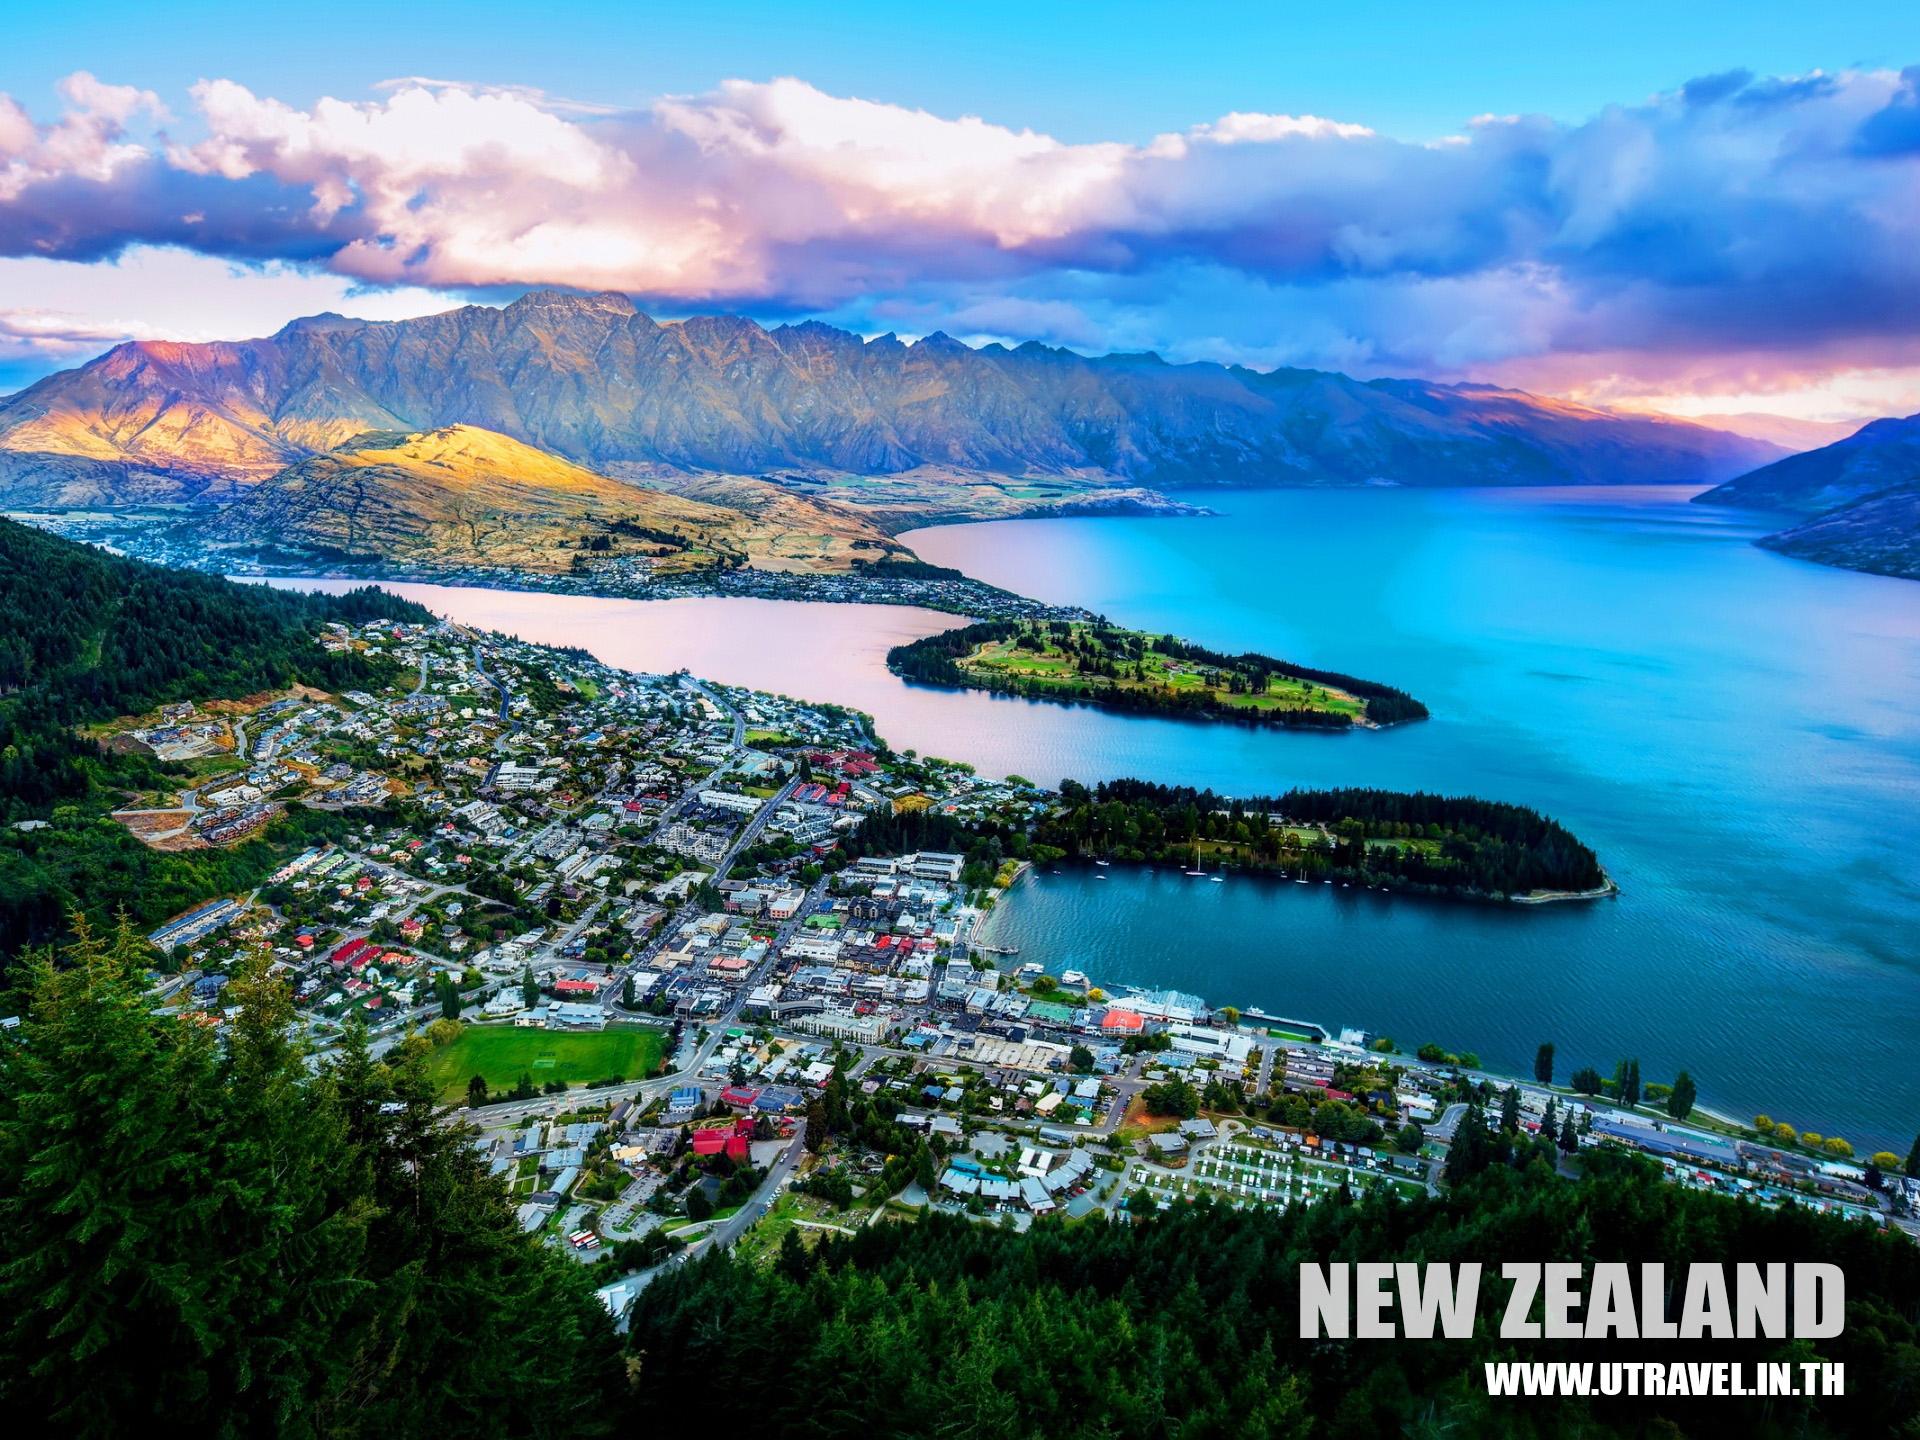 ทัวร์นิวซีแลนด์โรแมนติกเกาะใต้ 7 วัน 5วัน